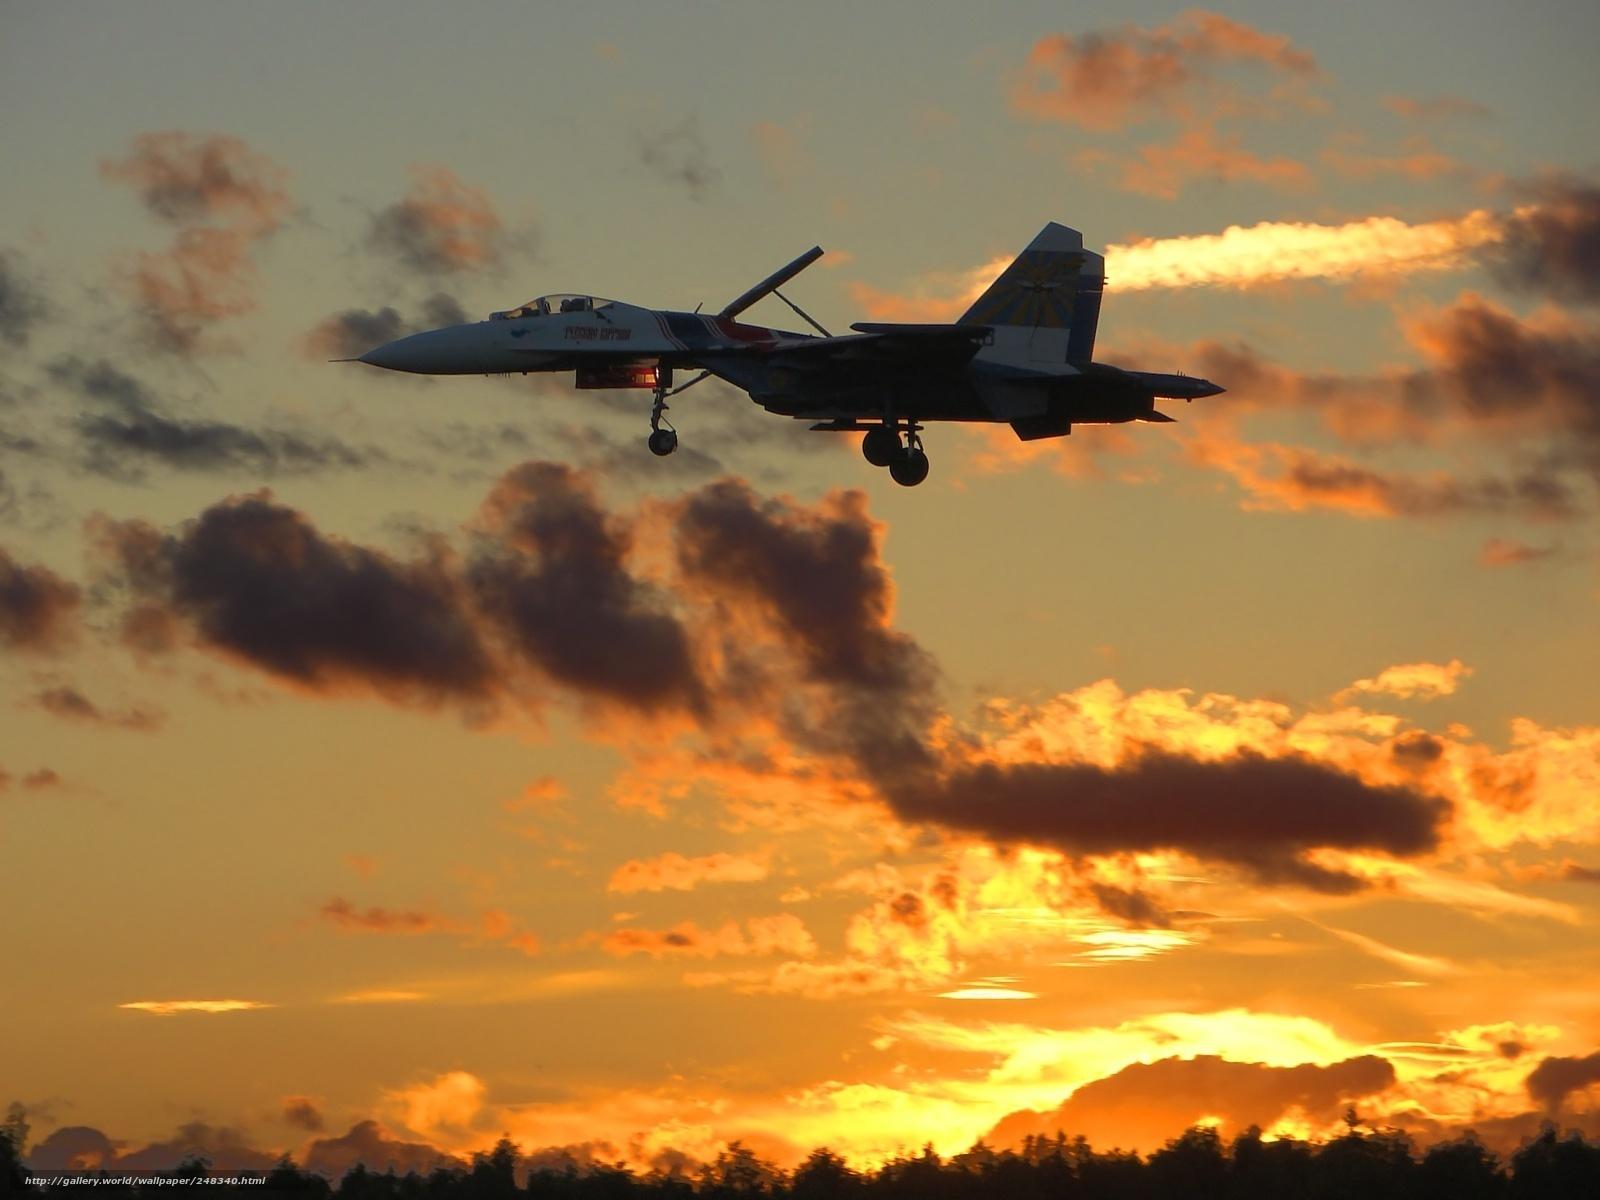 Скачать обои Су-27,   русские витязи,   Сухой бесплатно для рабочего стола в разрешении 1600x1200 — картинка №248340